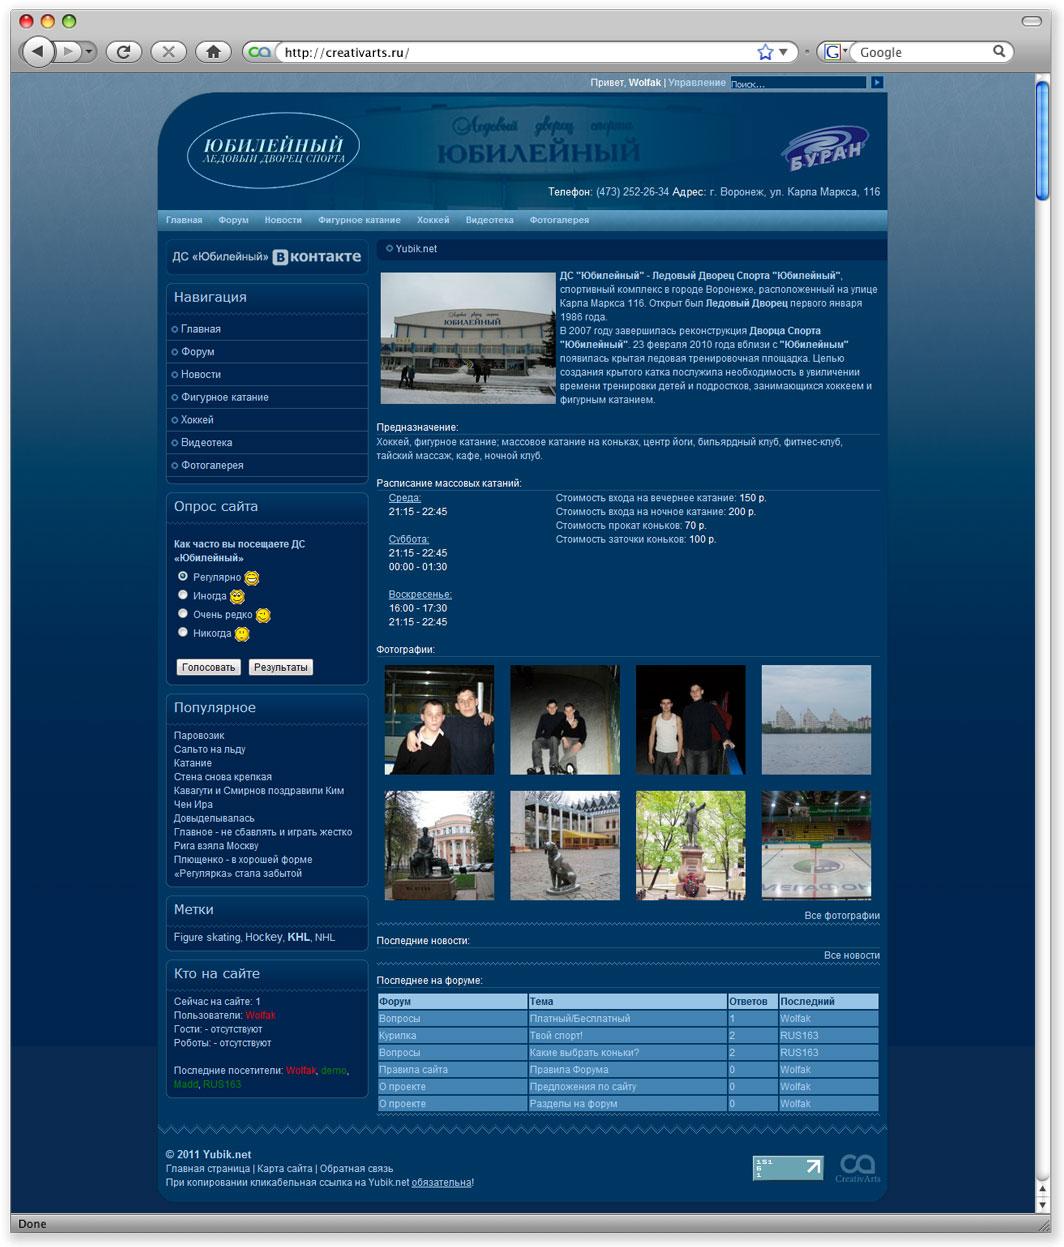 Дизайн для сайта дворца спорта юбилейный - Yubik